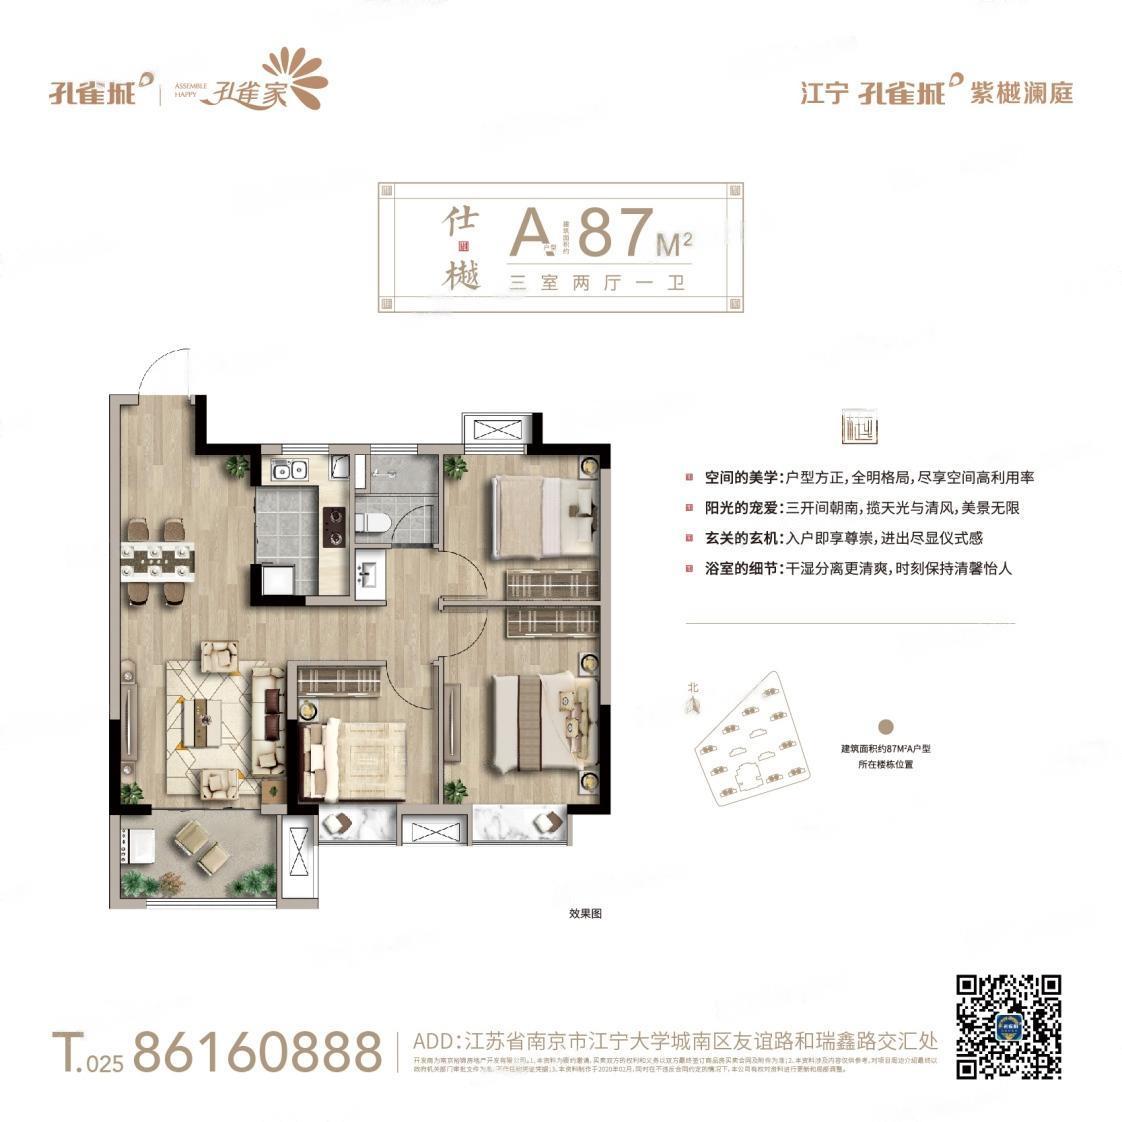 江宁孔雀城紫樾澜庭  3室2厅1厨1卫